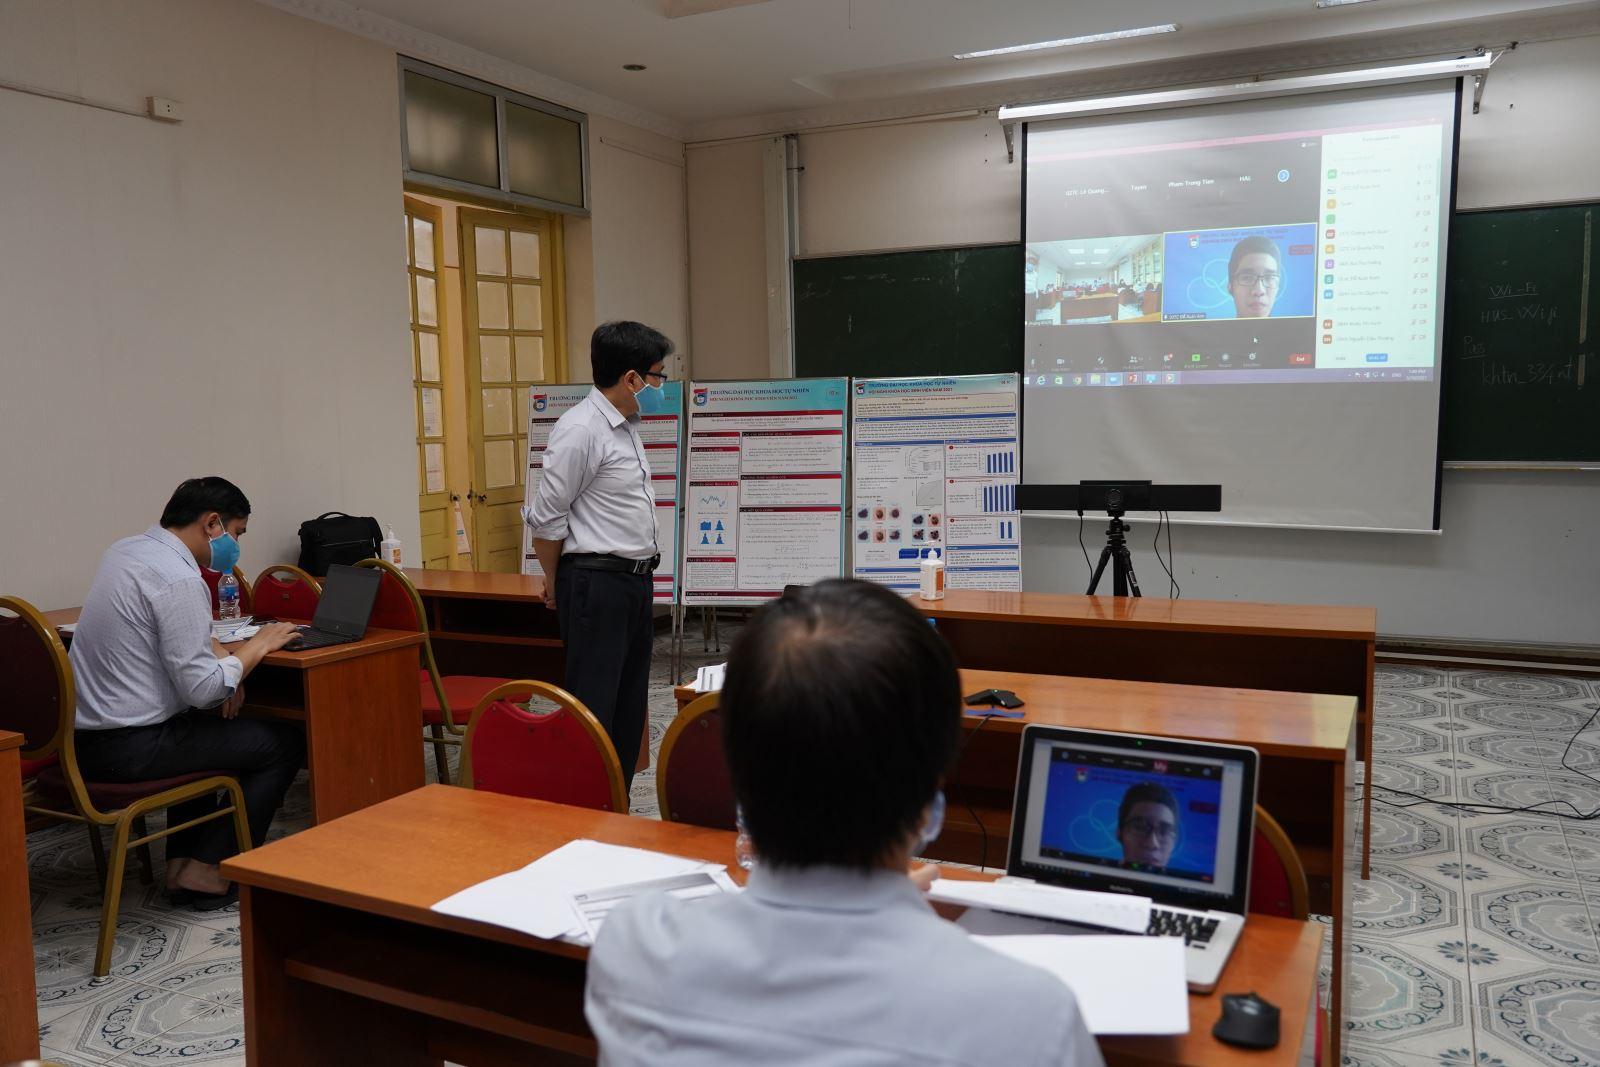 Trường Đại học Khoa học Tự nhiên (ĐH Quốc gia Hà Nội) tổ chức chấm báo cáo khoa học của sinh viên bằng hình thức trực tuyến. Ảnh: Hoài Thương